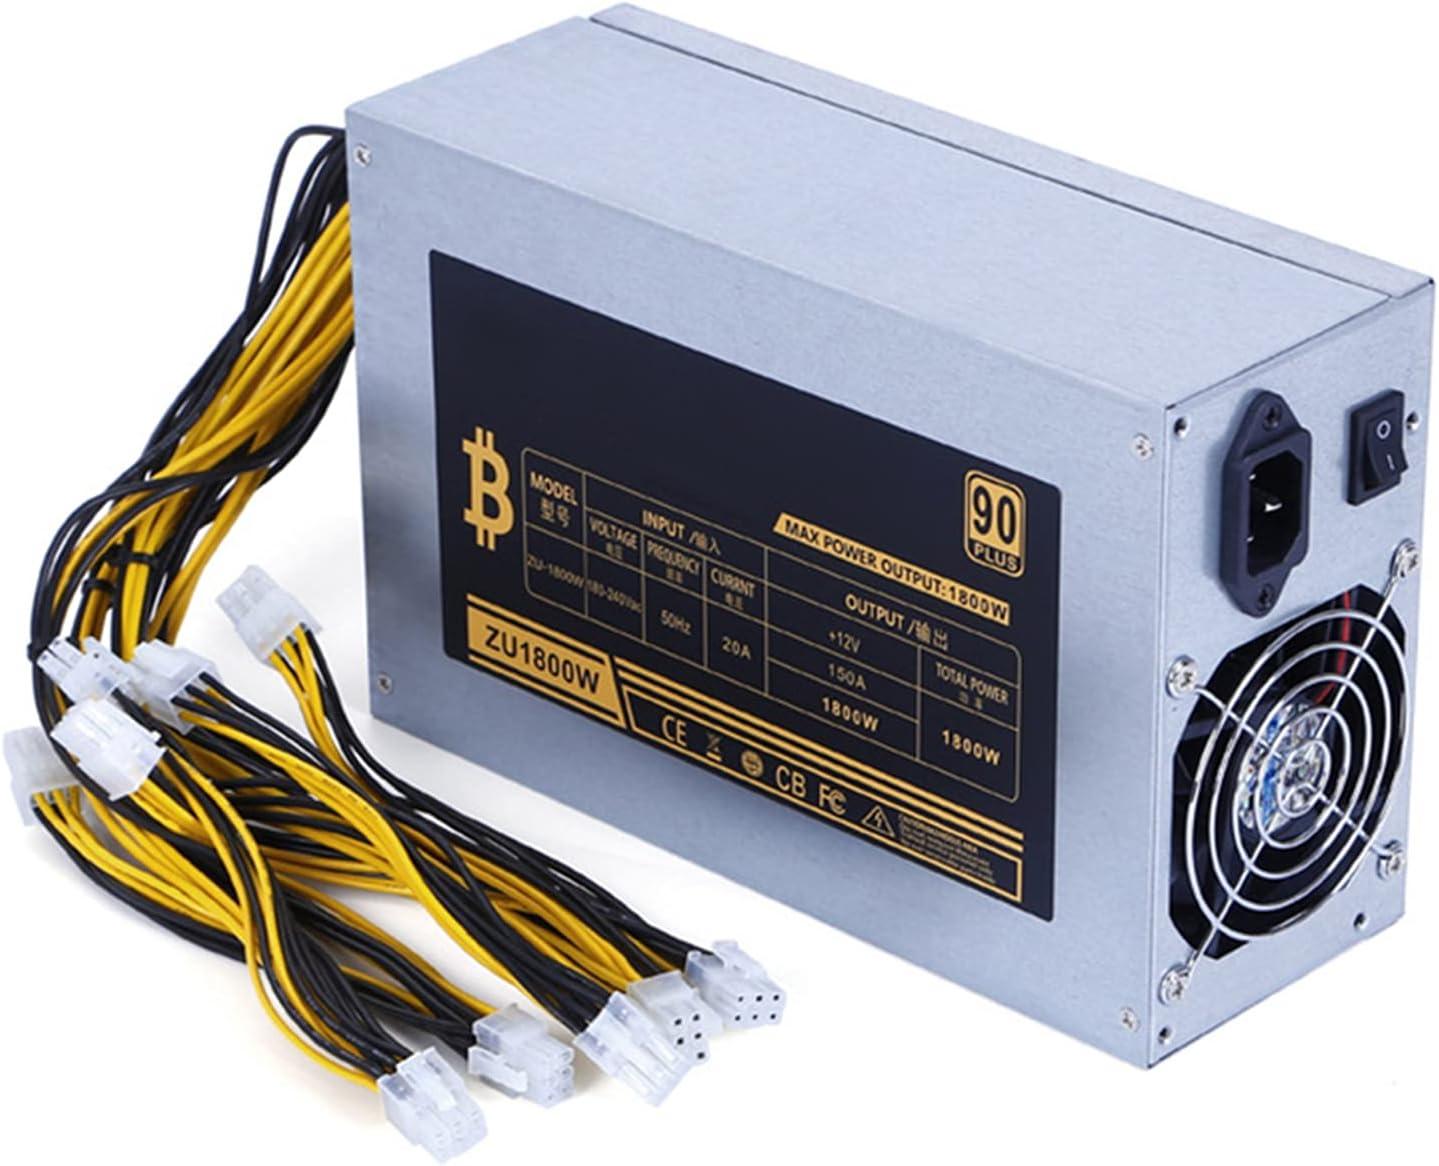 Hotar Bitcoin Mining Machine - Fuente de alimentación para BTC ETH Antminer S7, S9 y D3 (1800 W)